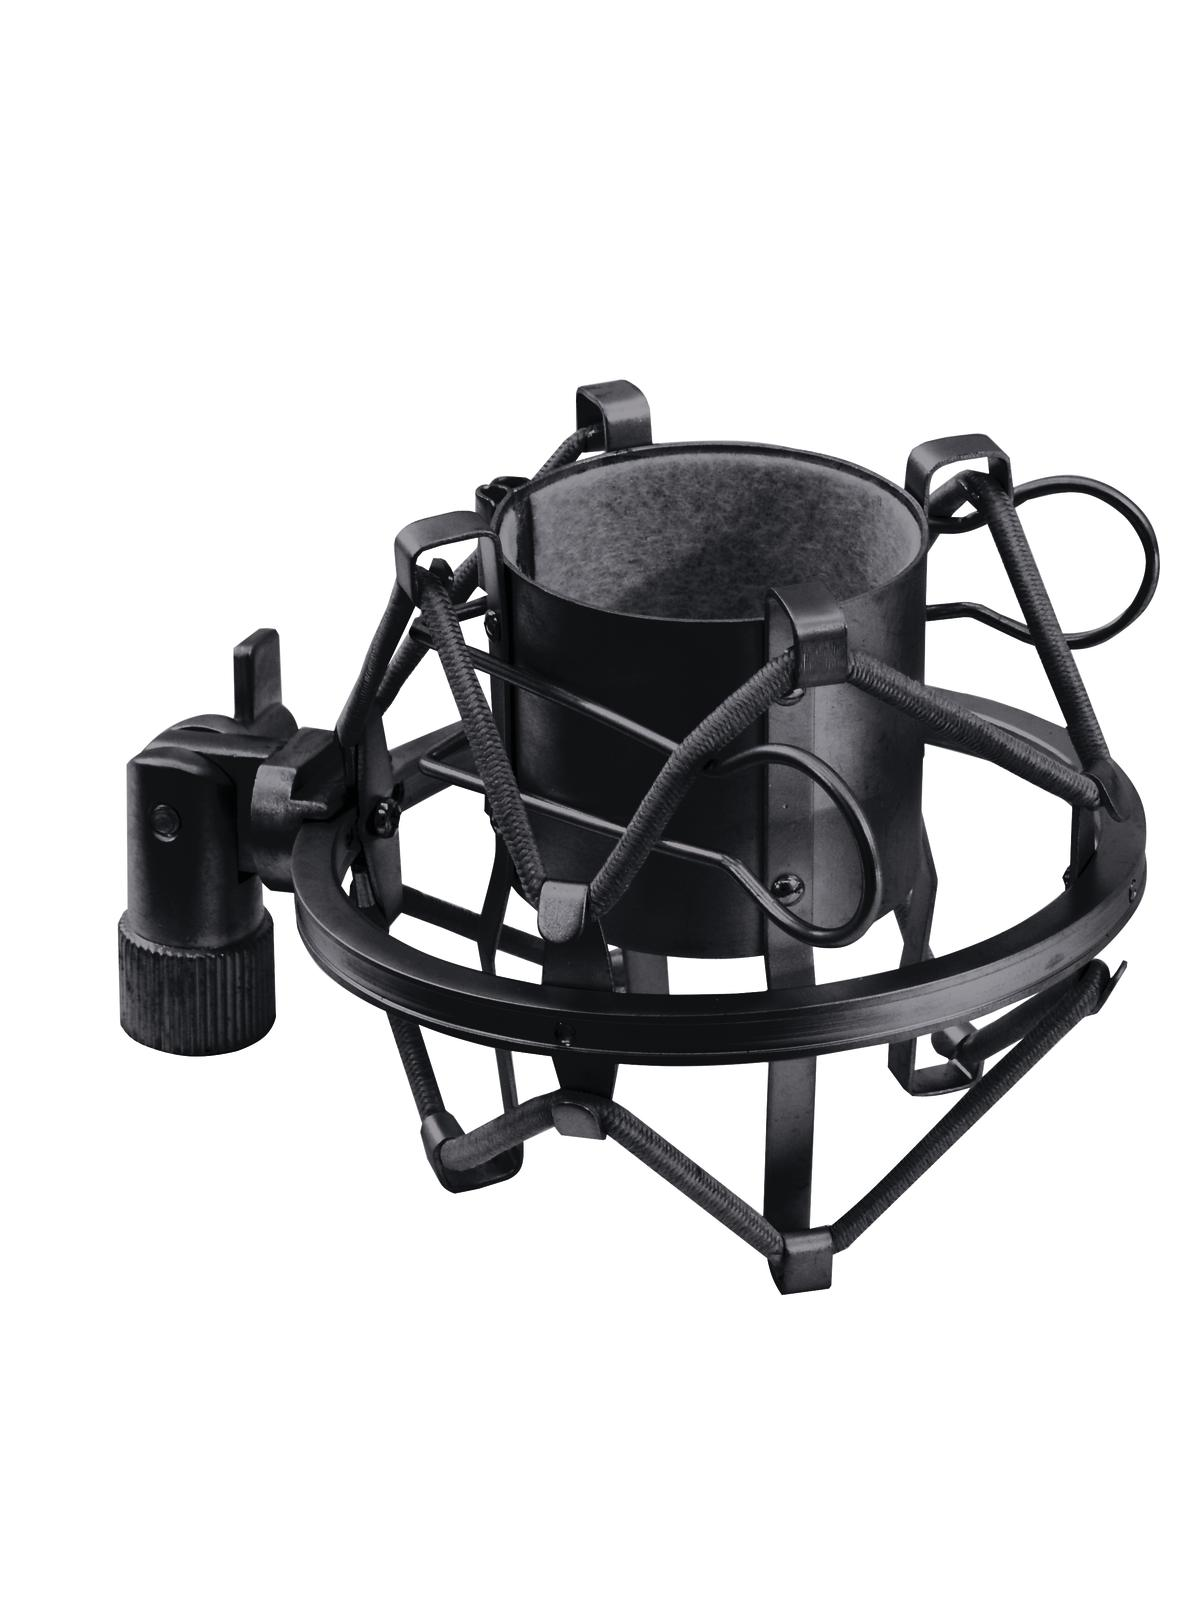 Omnitronic mikrofonní svorka 44-48mm, otřesuvzdorná, černá